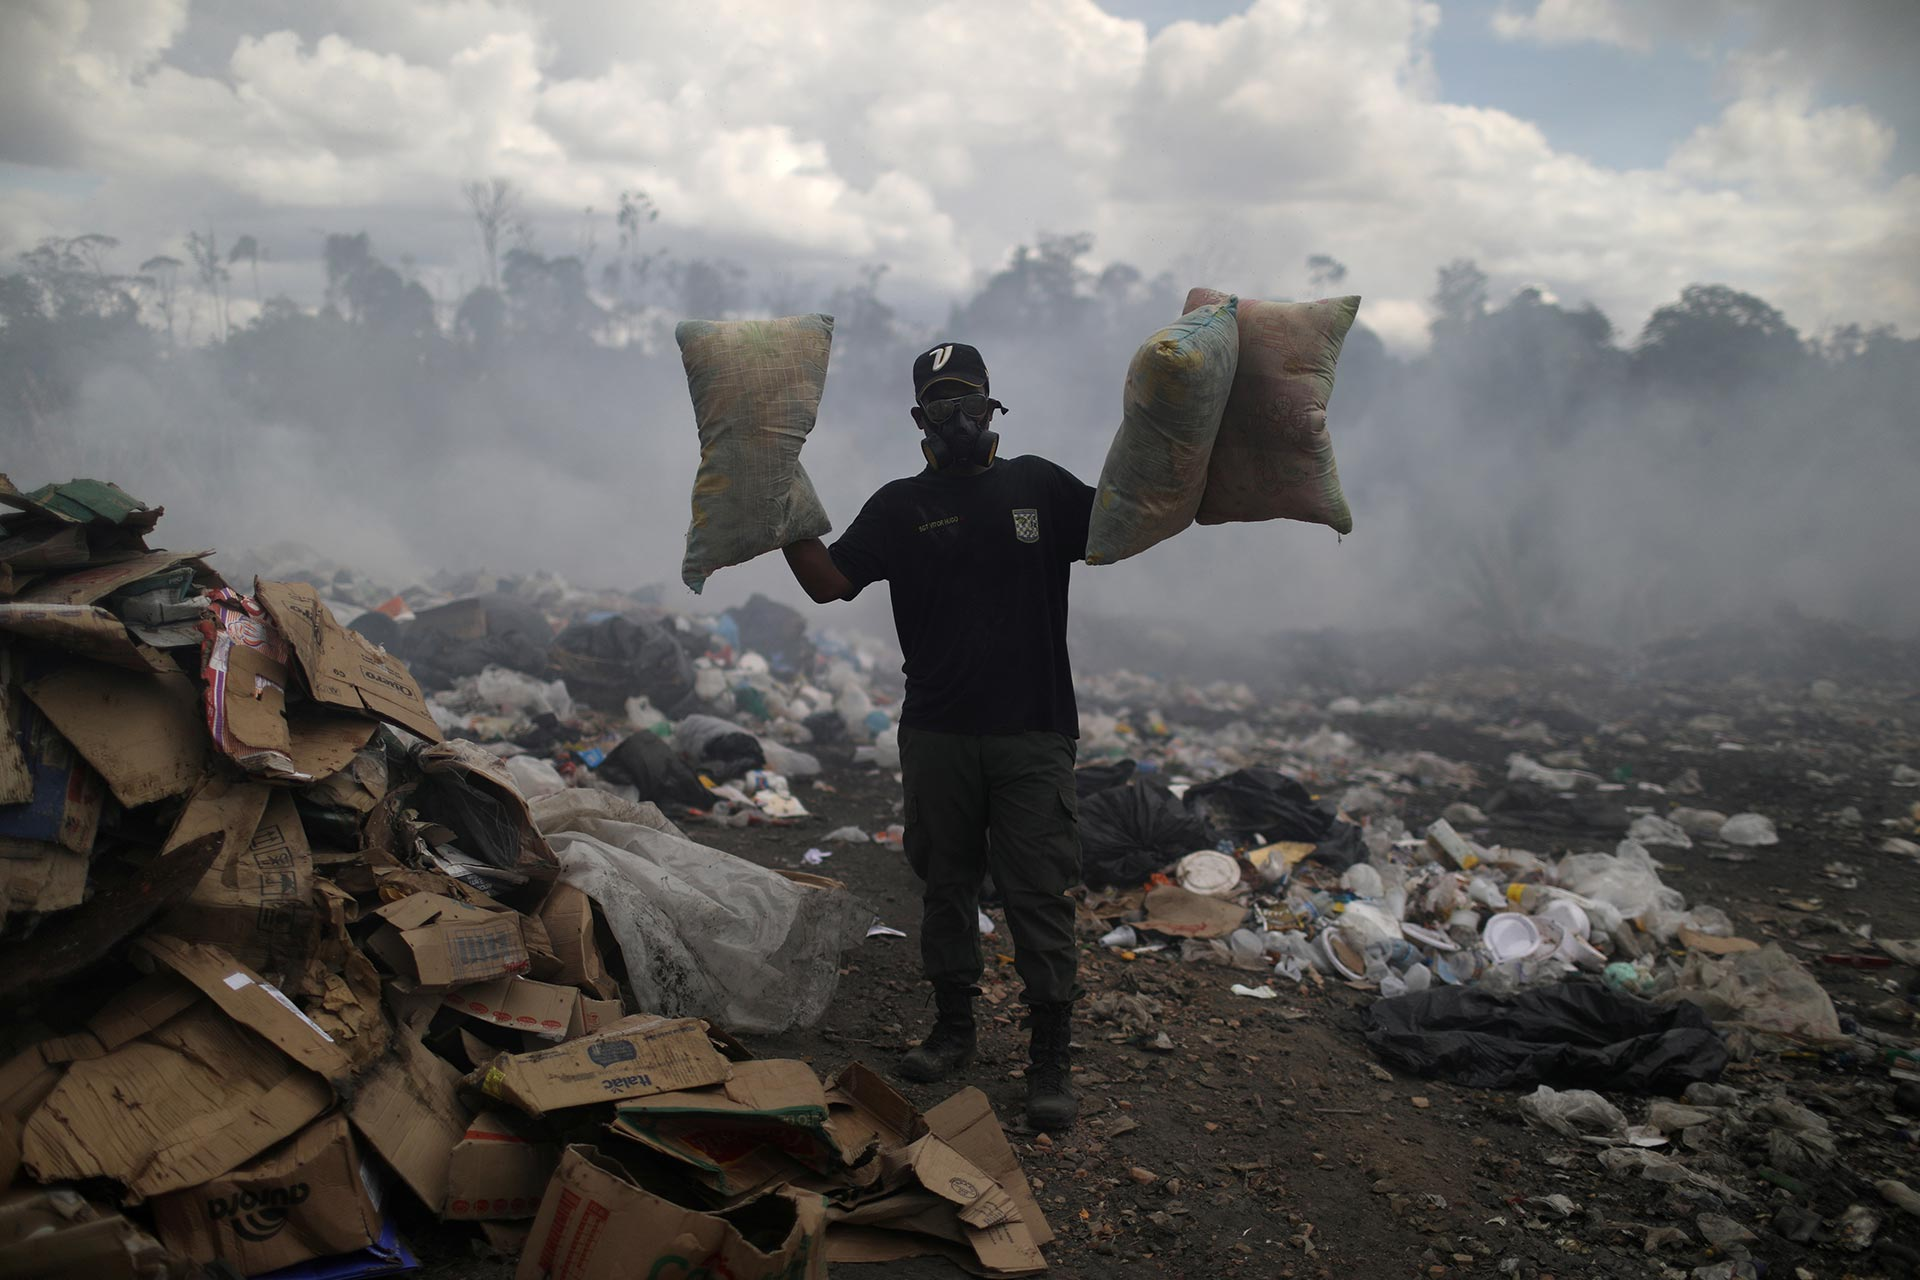 Un venezolano muestra lo que fue encontrando en la basura (REUTERS/Pilar Olivares)